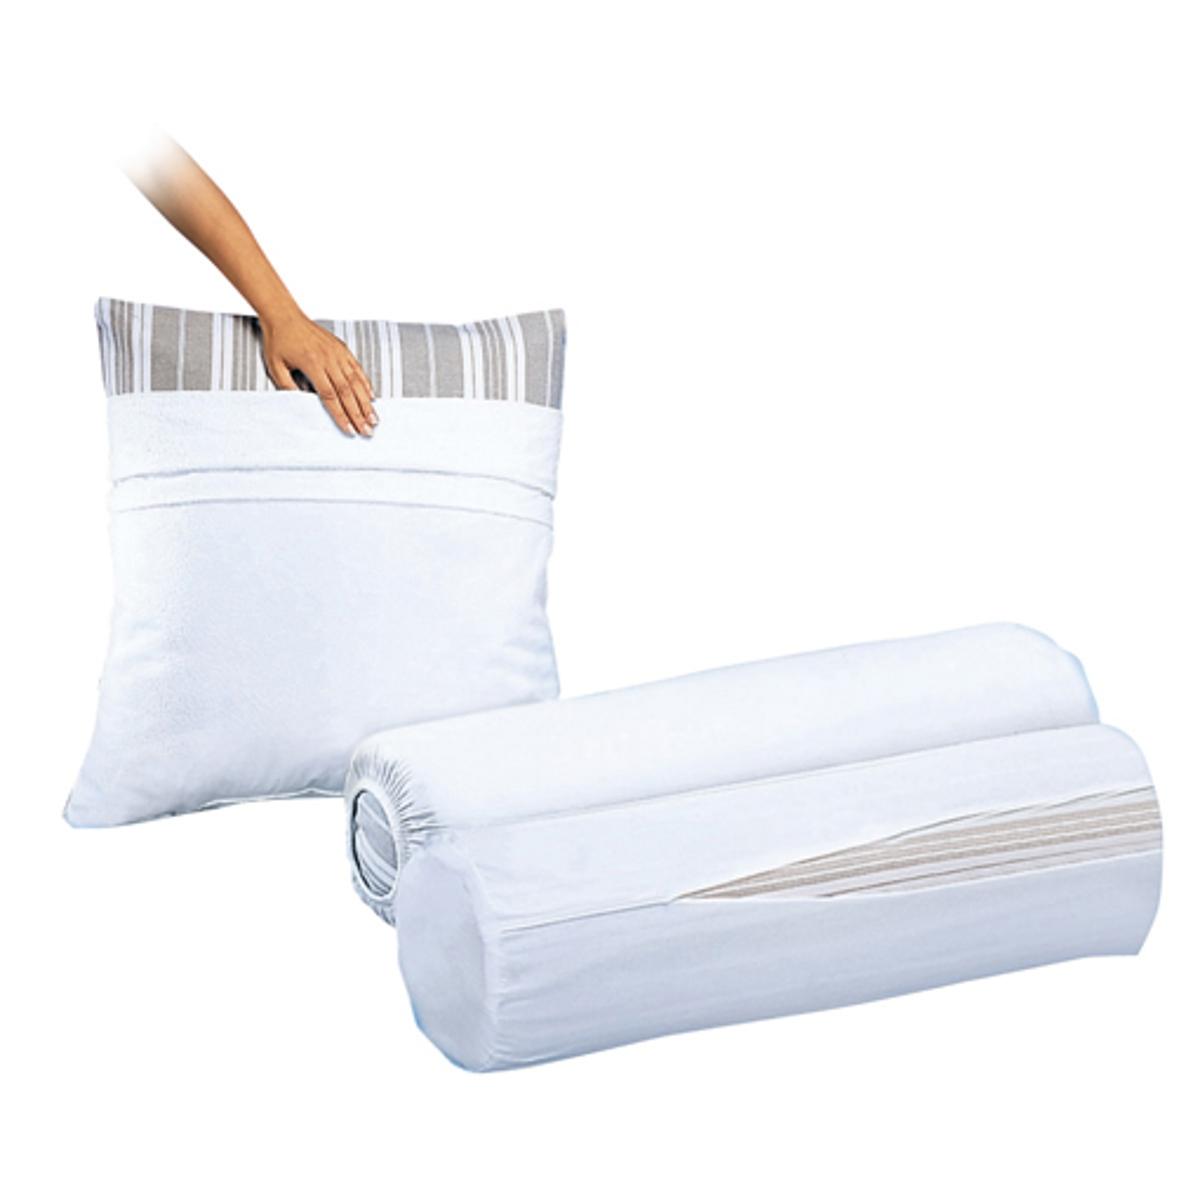 Чехол защитный на подушку из махровой ткани, 100% хлопок<br><br>Цвет: белый